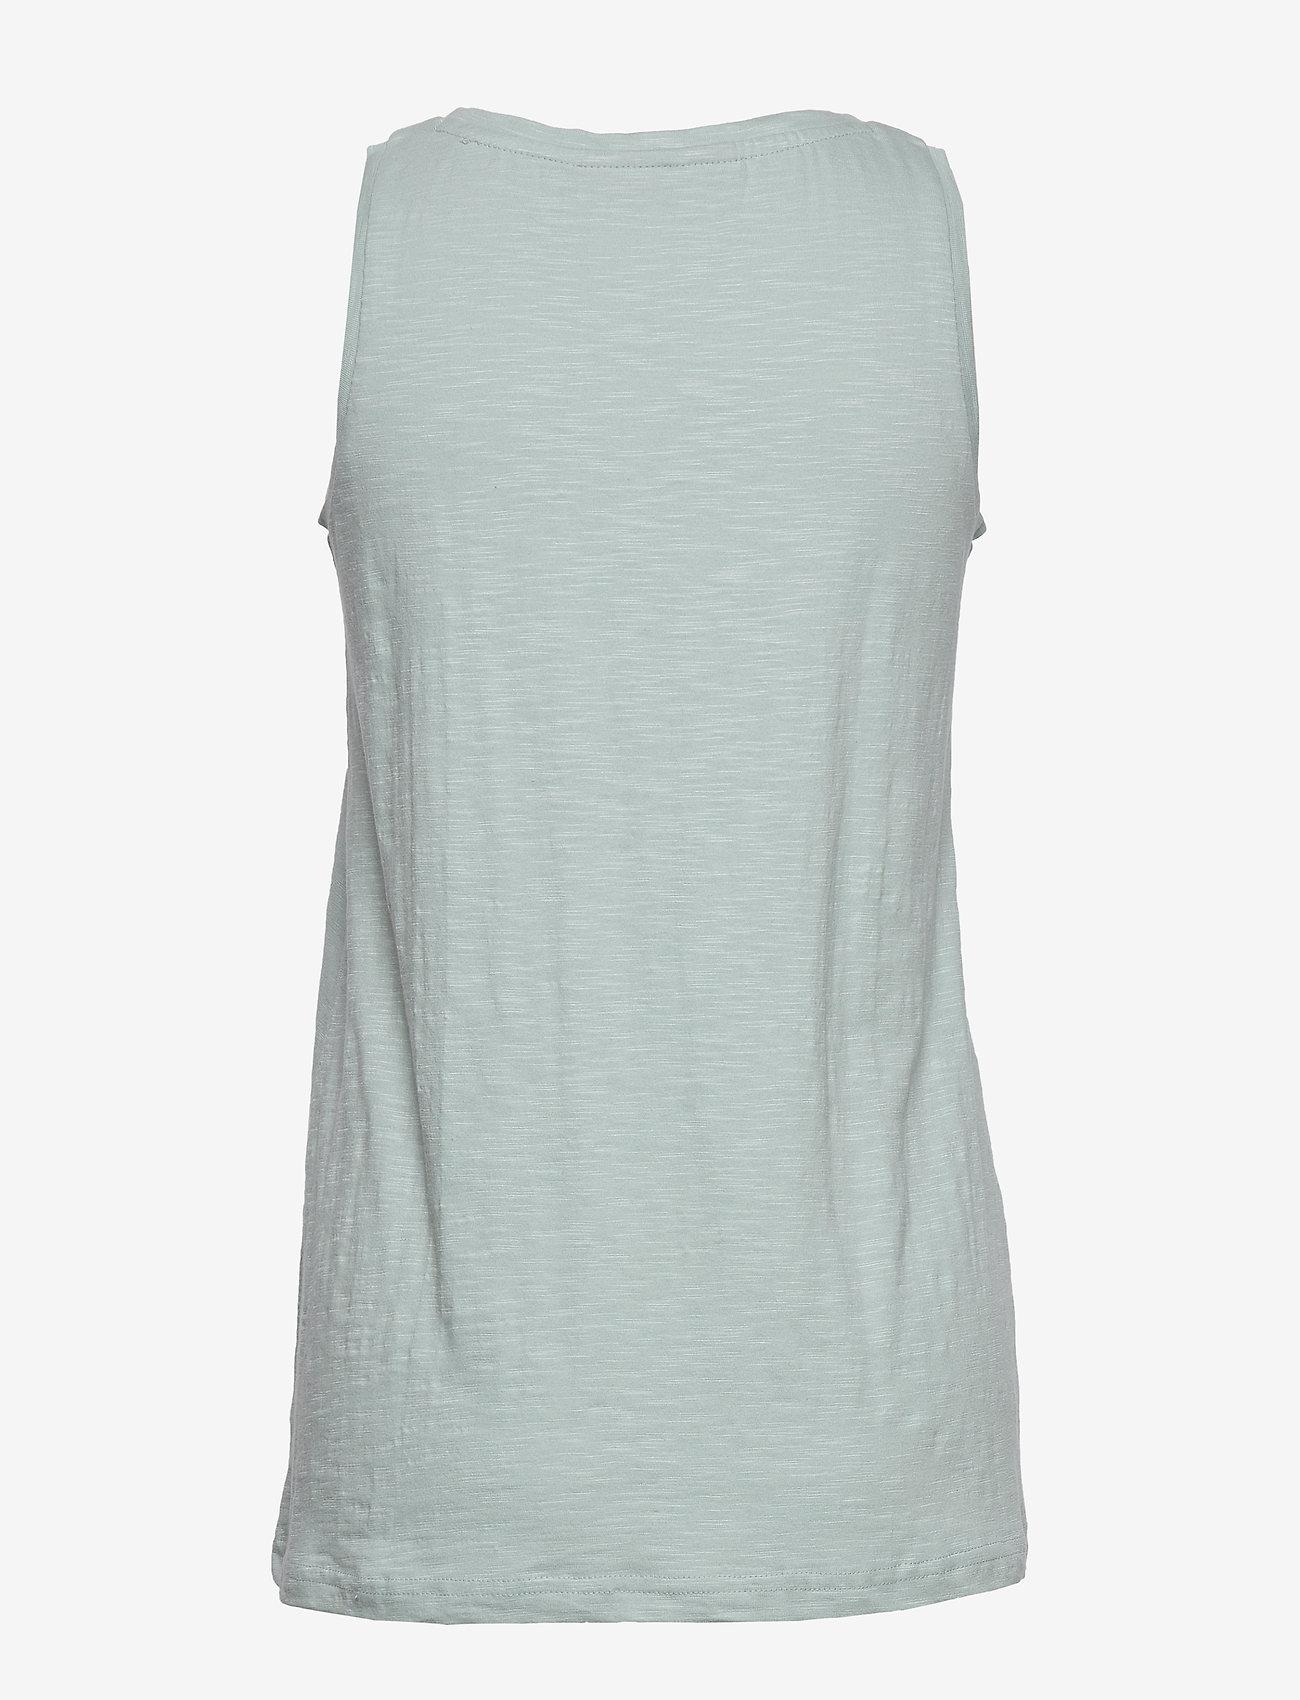 Noa Noa Top - T-shirty i zopy SURF SPRAY - Kobiety Odzież.